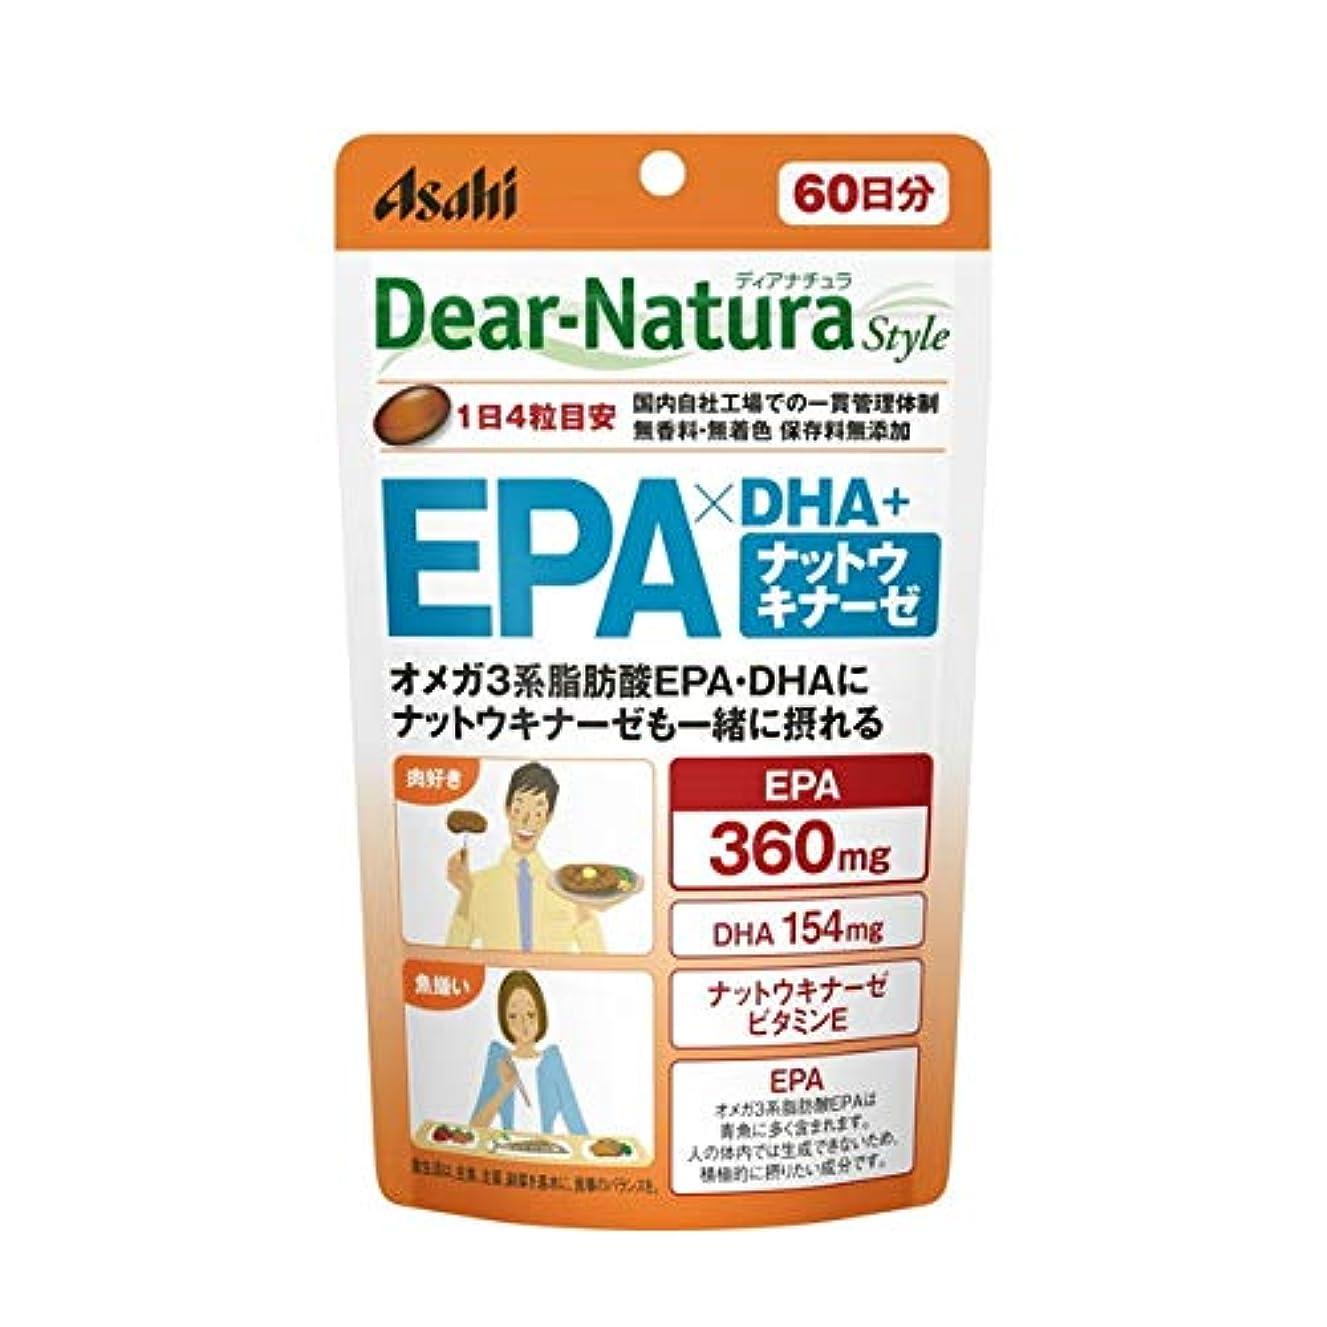 ベーリング海峡オーバーラン従うディアナチュラスタイル EPA×DHA +ナットウキナーゼ 240粒 (60日分)